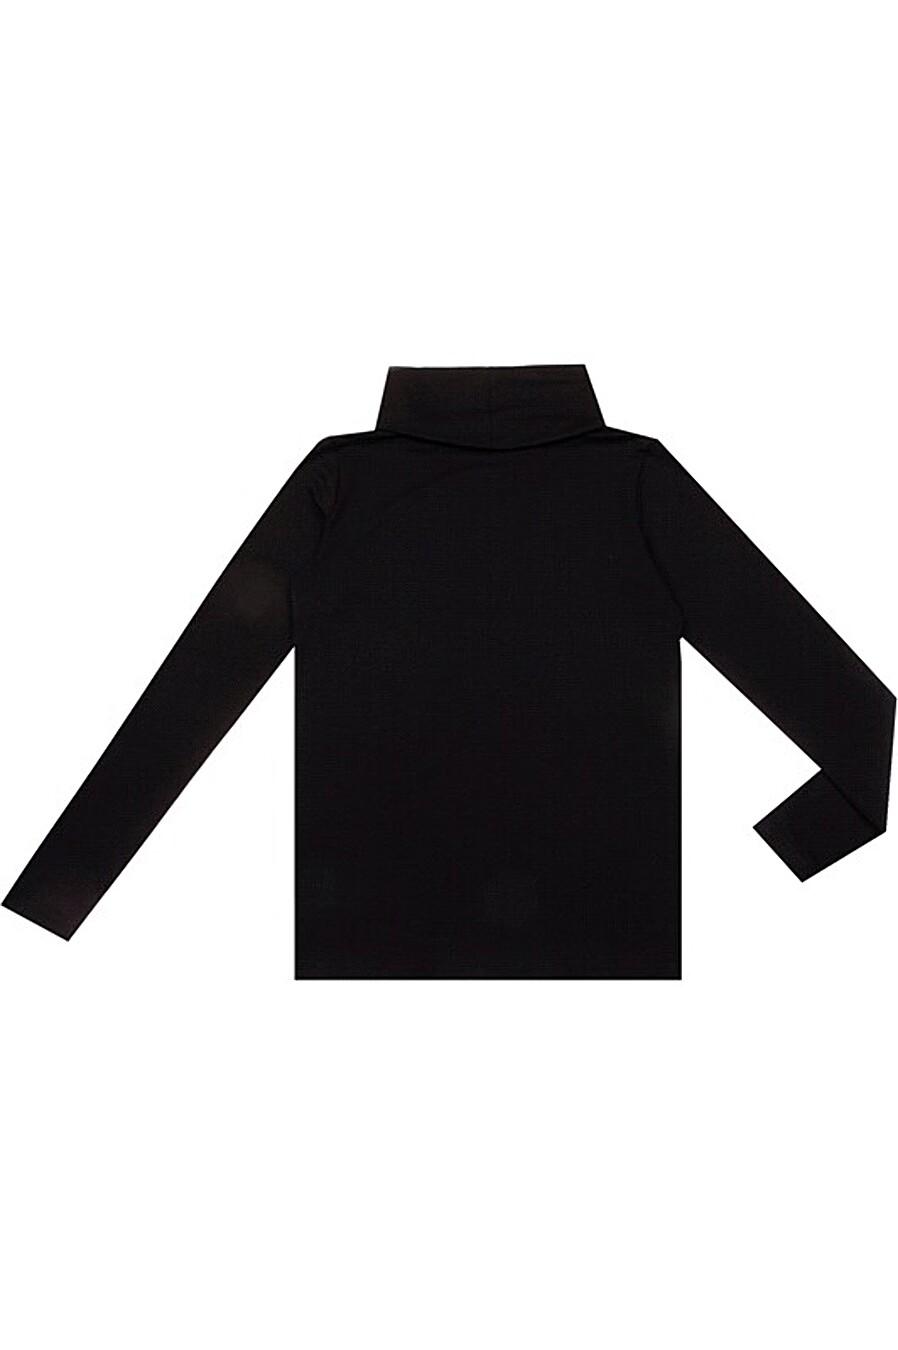 Водолазка для женщин Archi 158213 купить оптом от производителя. Совместная покупка женской одежды в OptMoyo